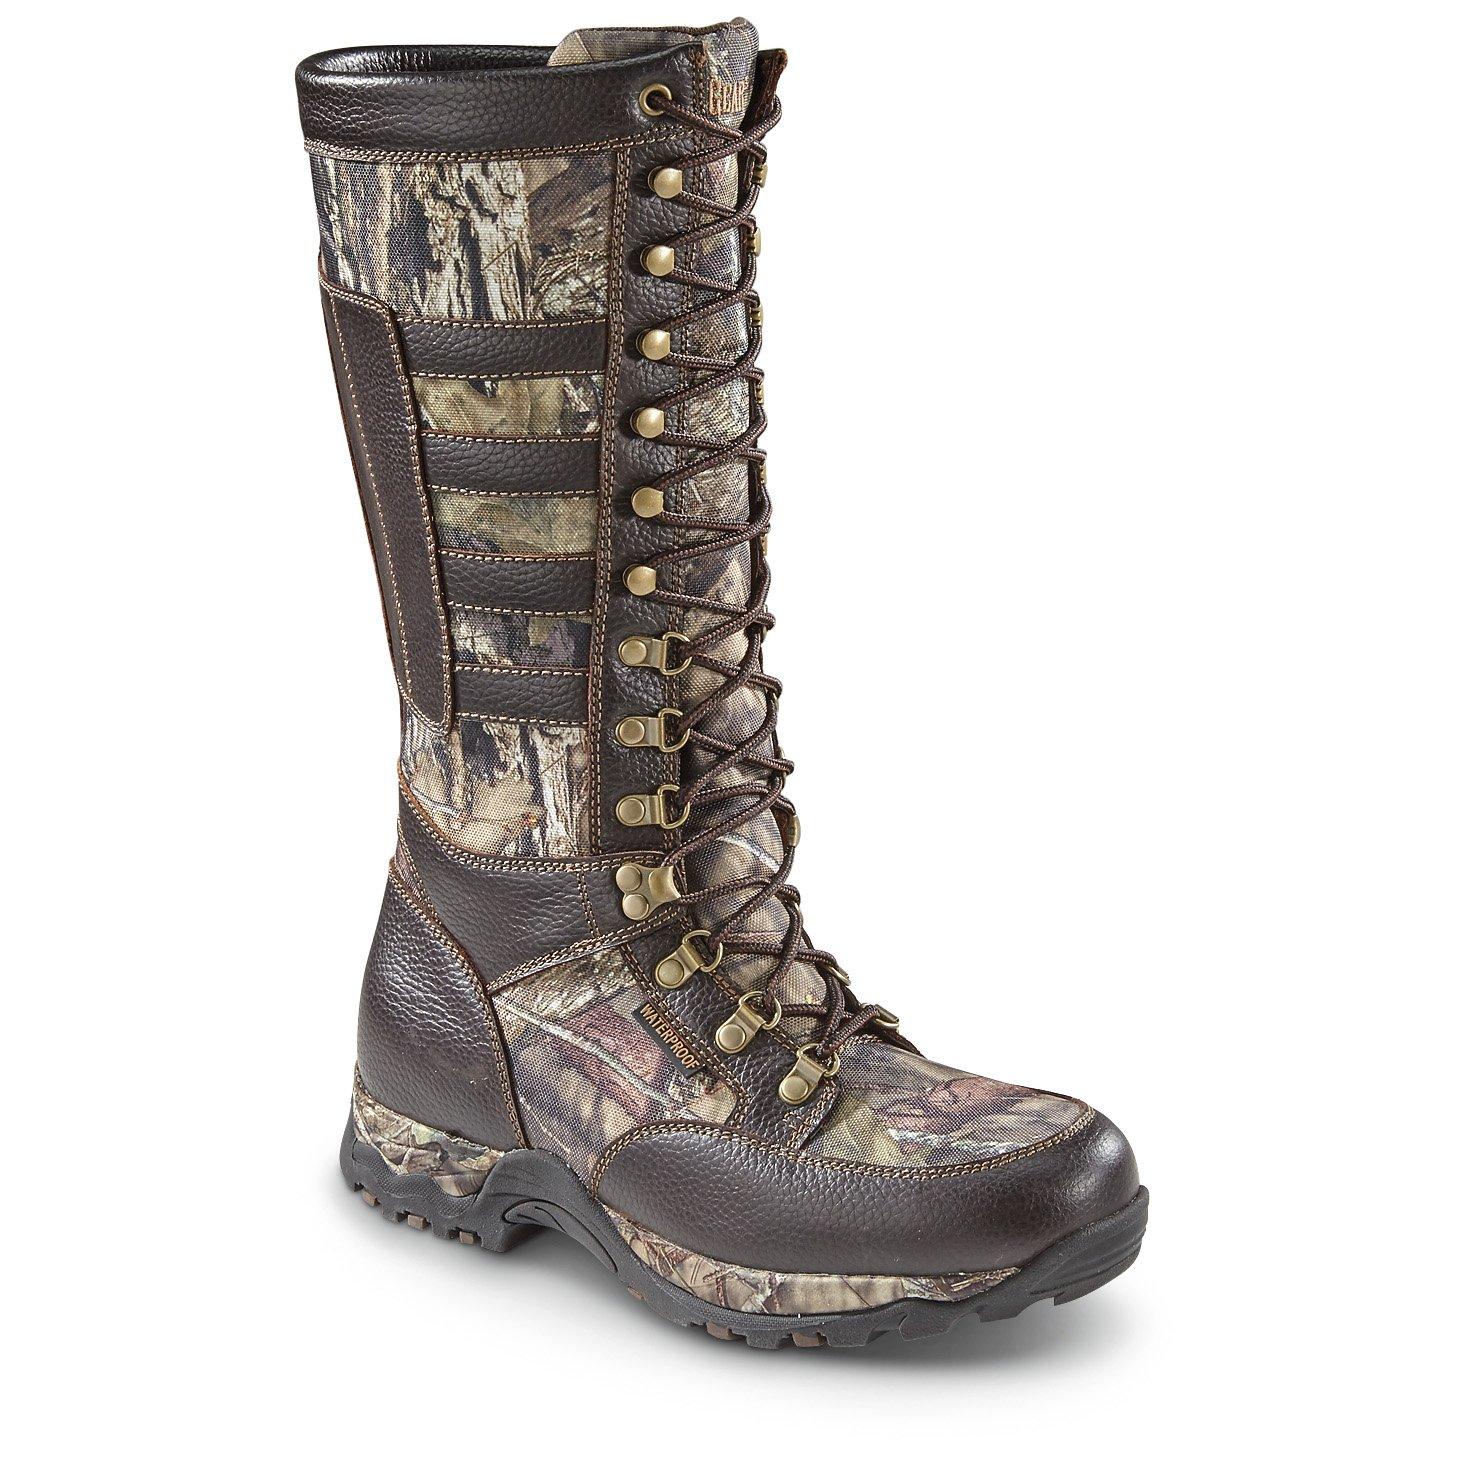 Guide Gear Men's Leather Snake Boots, Waterproof, Side Zip by Guide Gear